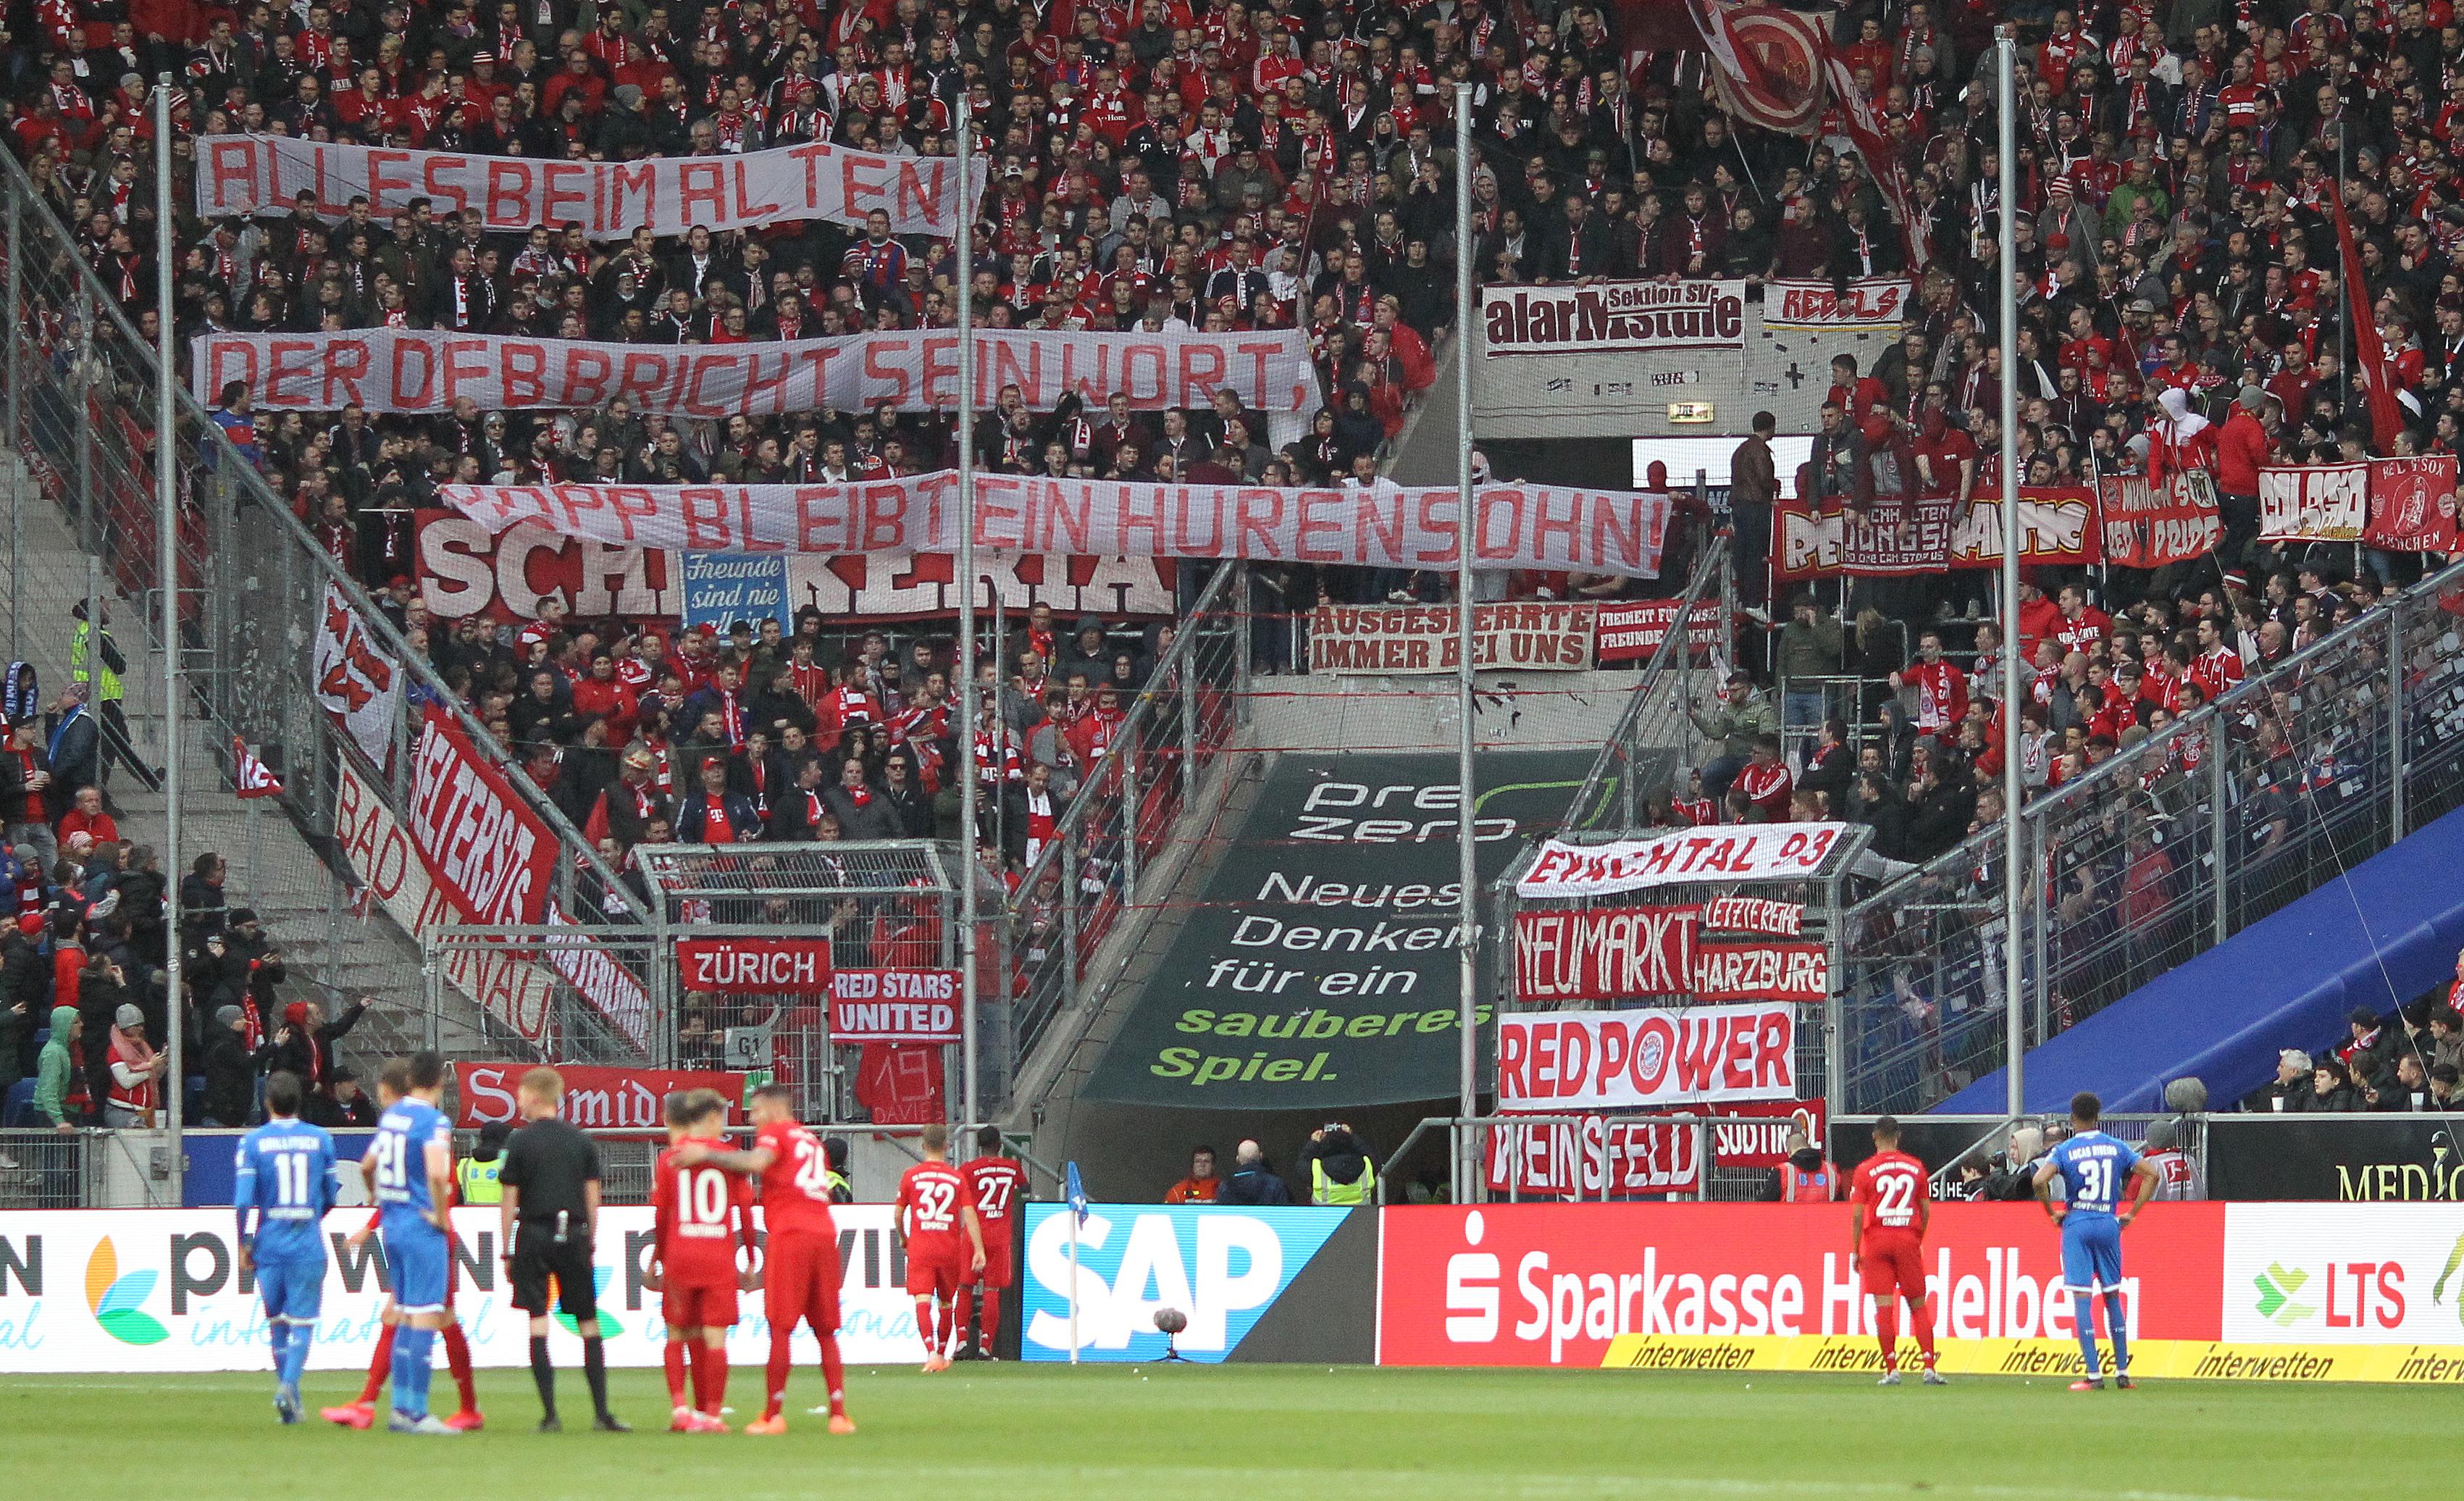 6-0-ra nyert a Bayern, de a szurkolói sokáig emlékezetes botrányt okoztak